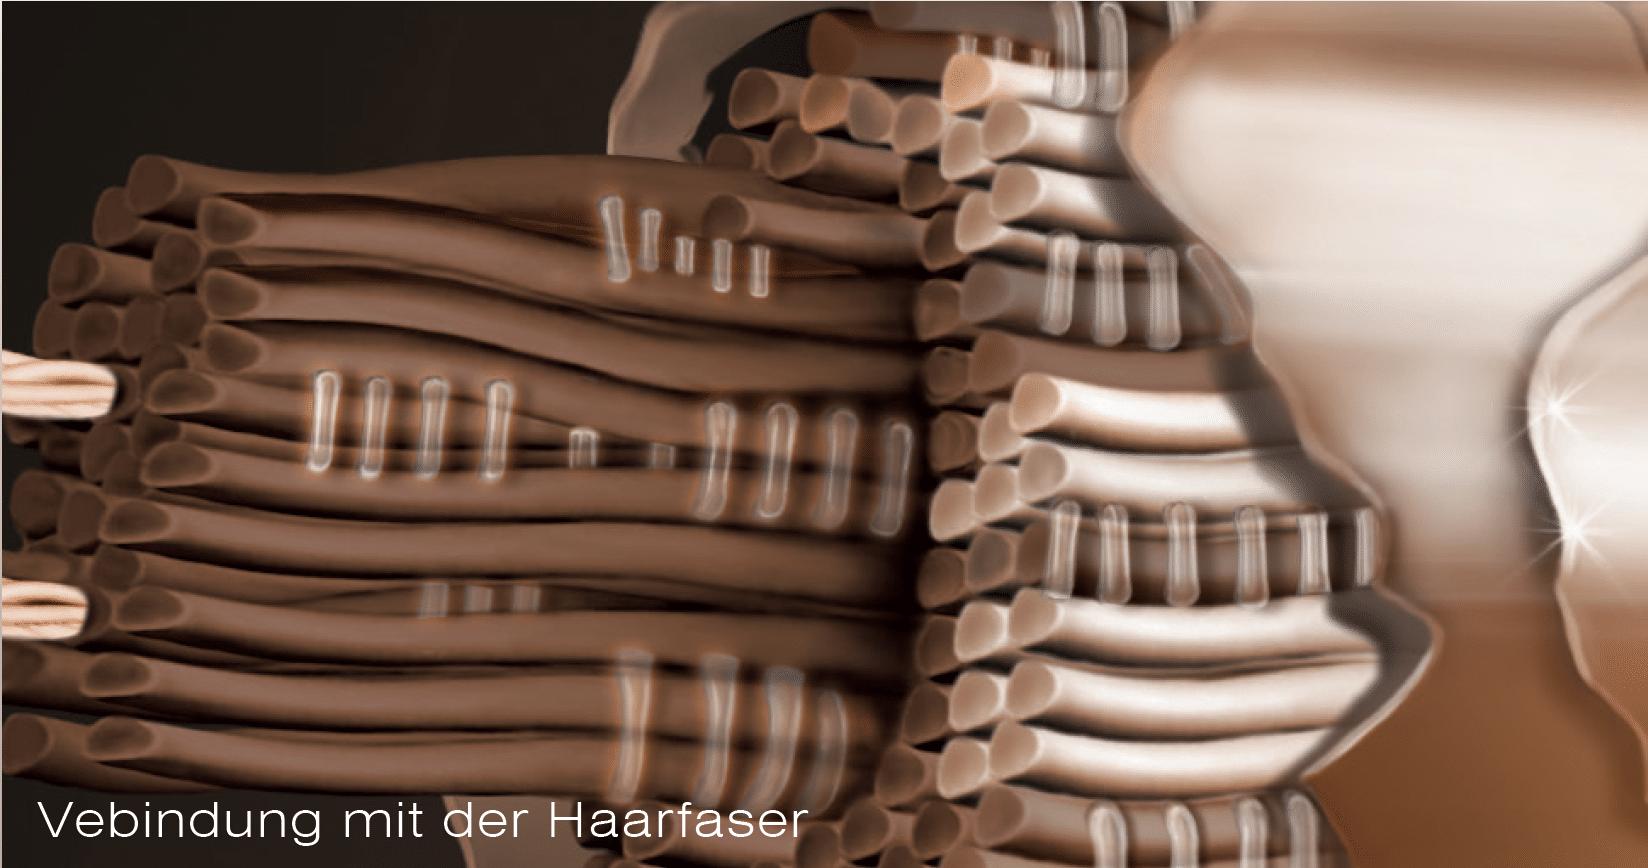 Verbindung mit der Haarfaser